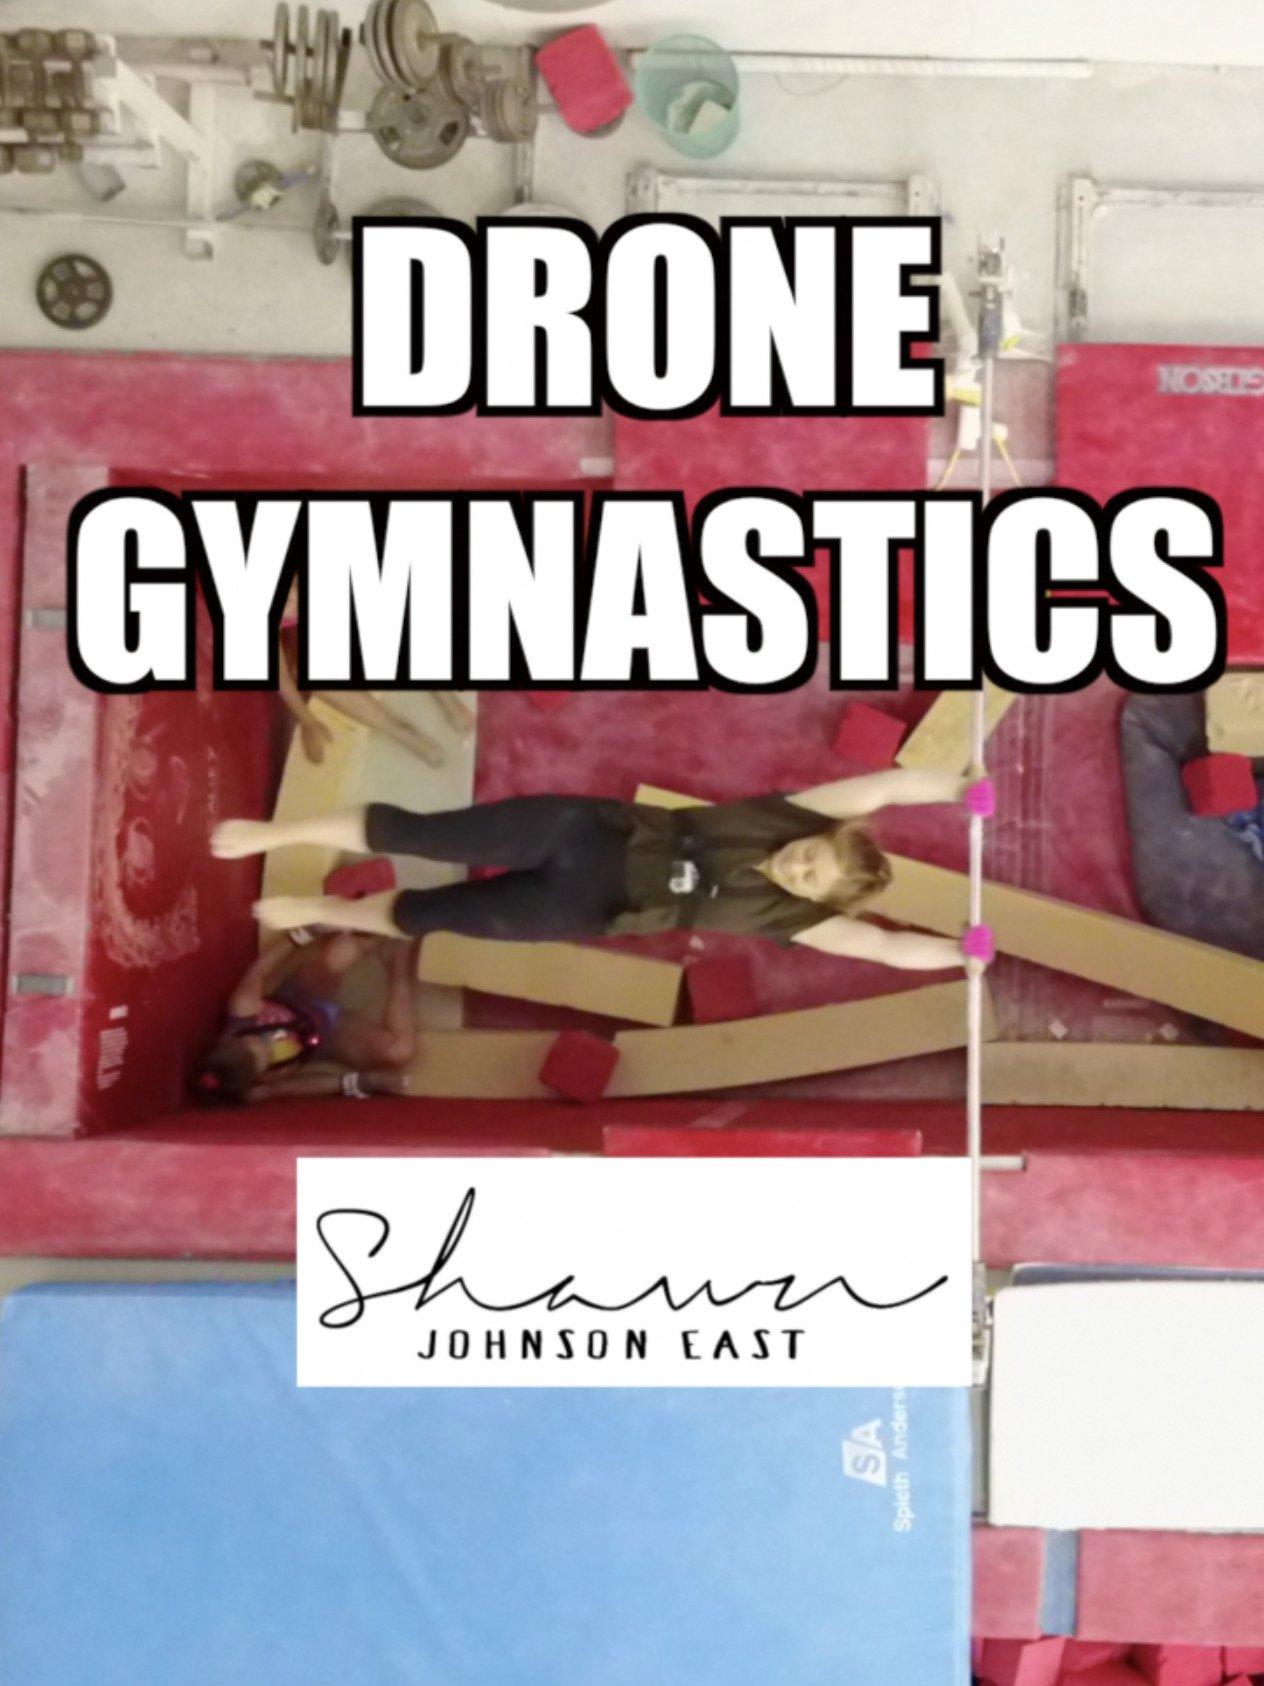 Drone Gymnastics